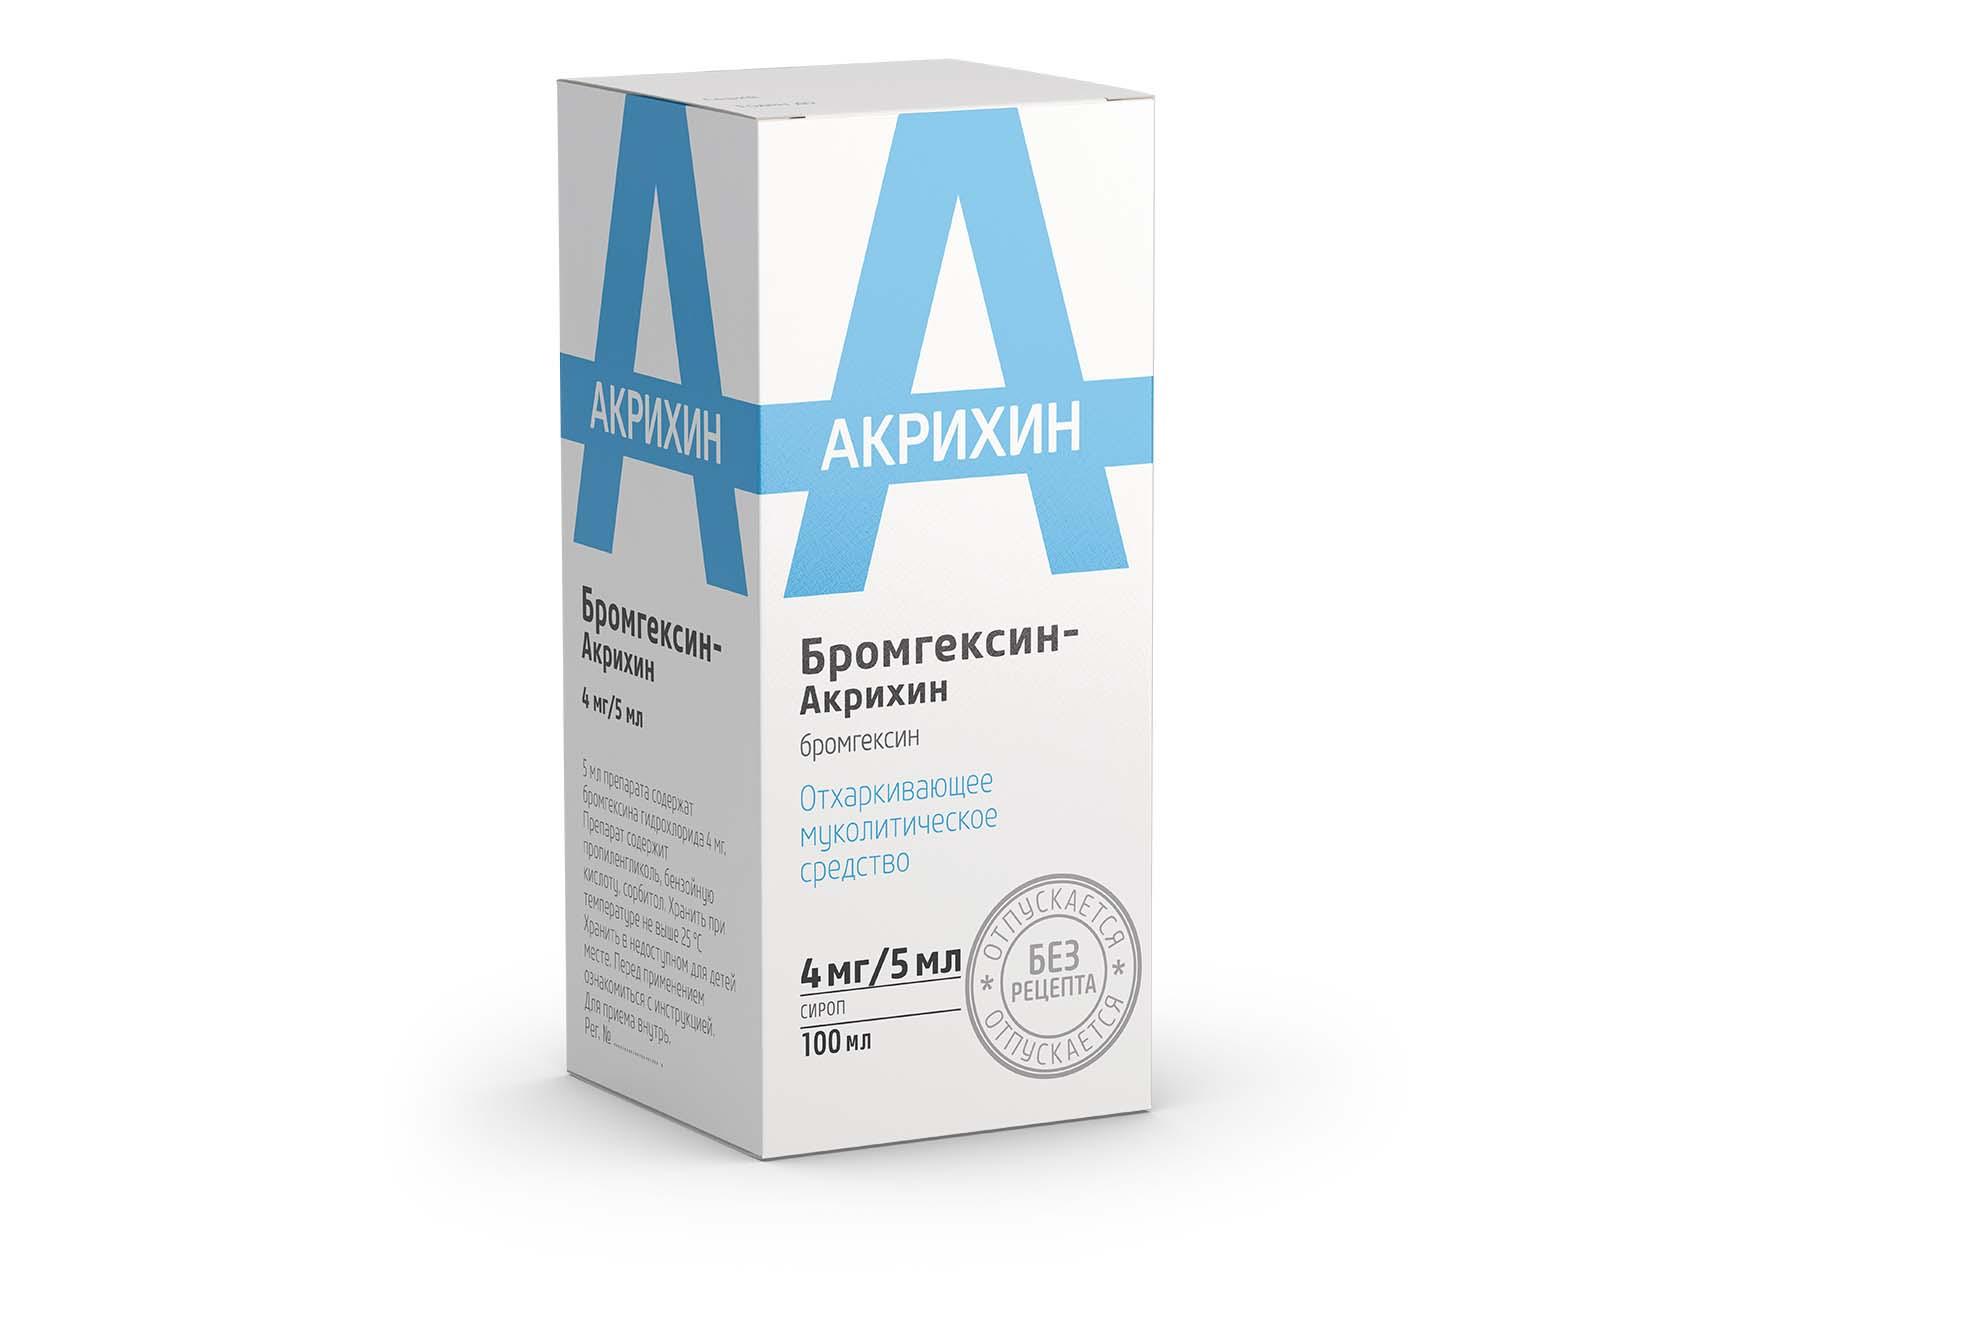 Бромгексин-акрихин сироп 4мг/5мл 100мл n1